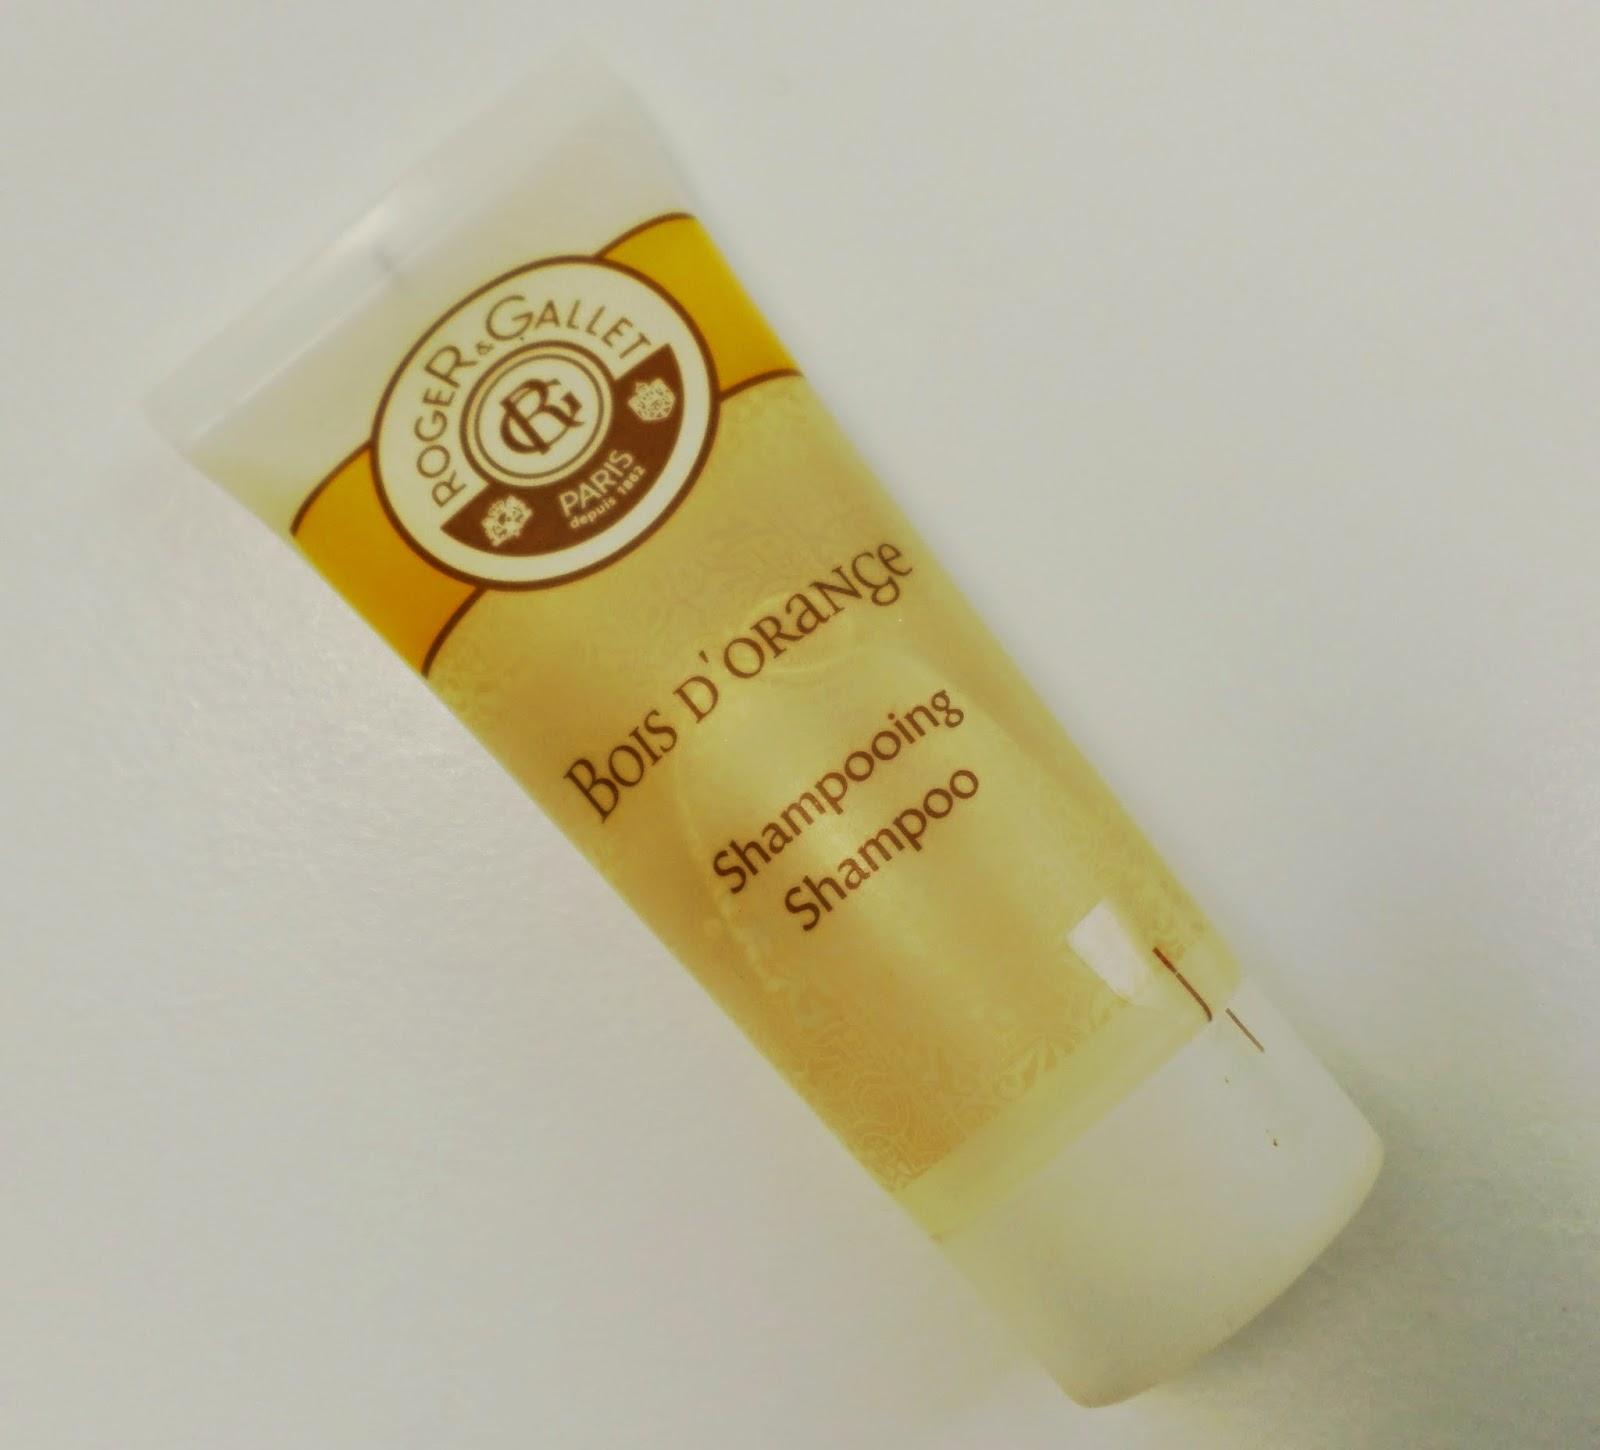 Roger & Gallet Bois D'Orange Shampoo